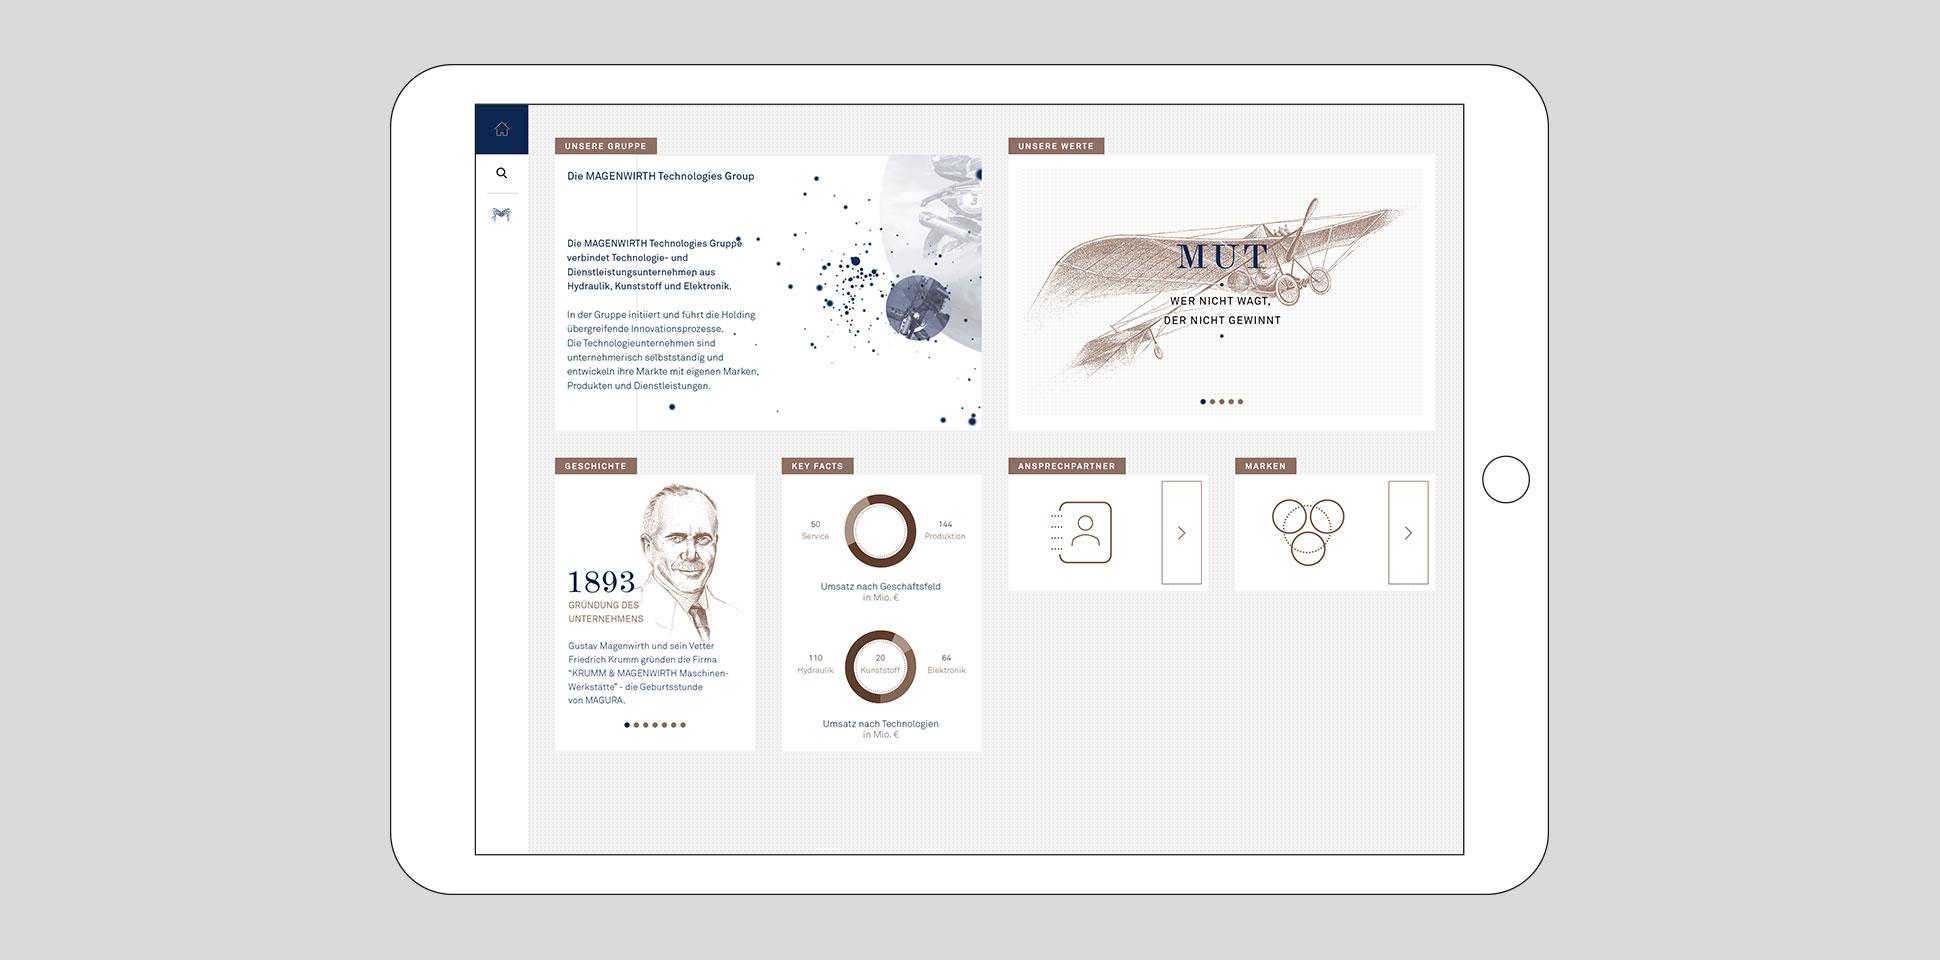 magenwirth-technologies intranet webseite tablet polarwerk